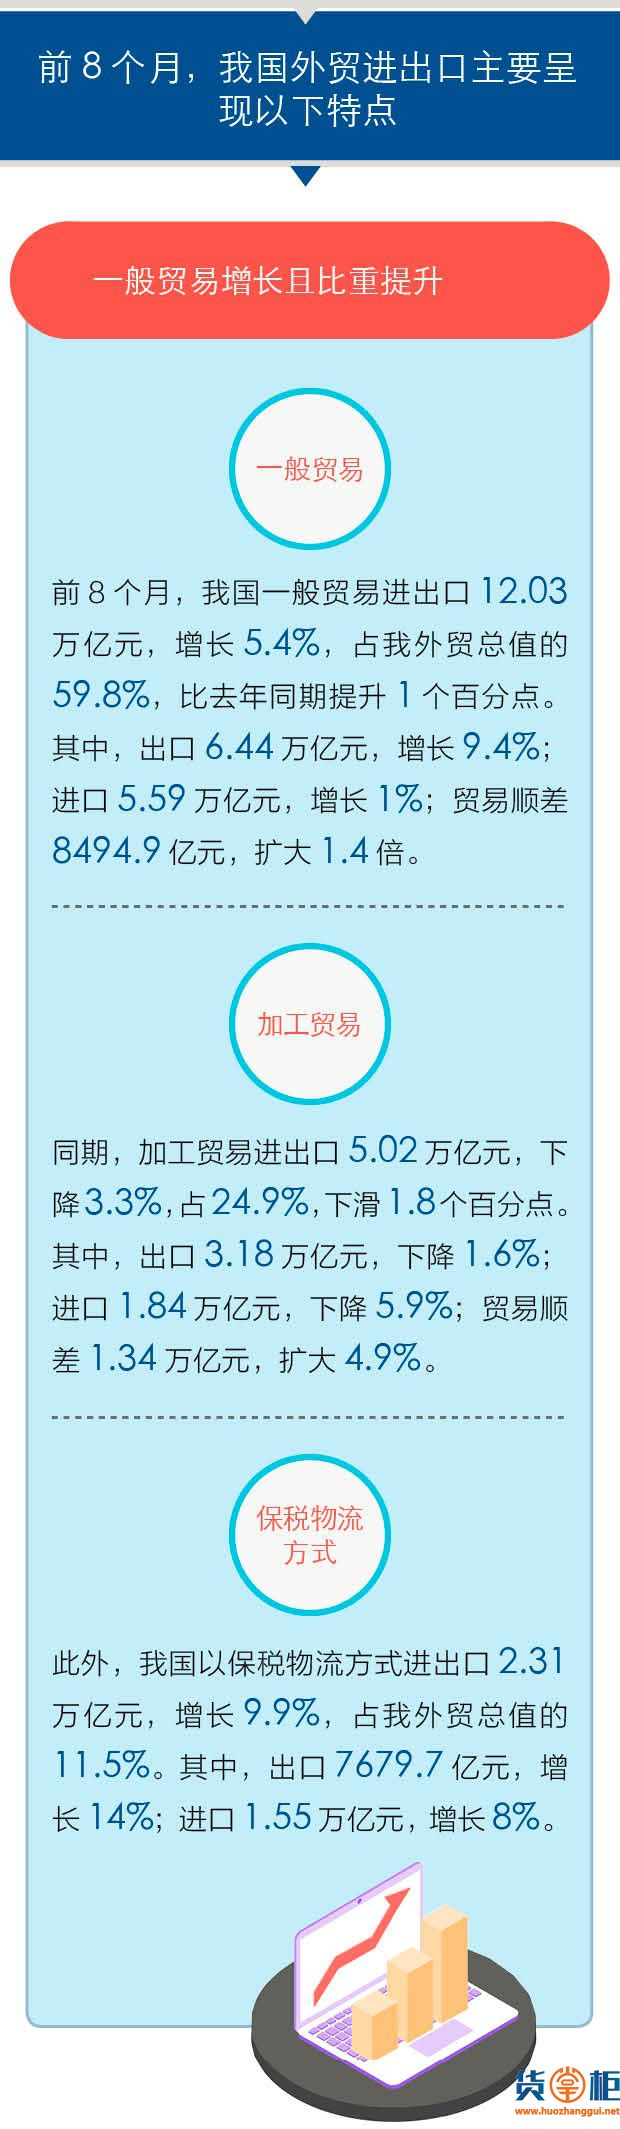 我国前8月外贸增长3.6%延续稳势